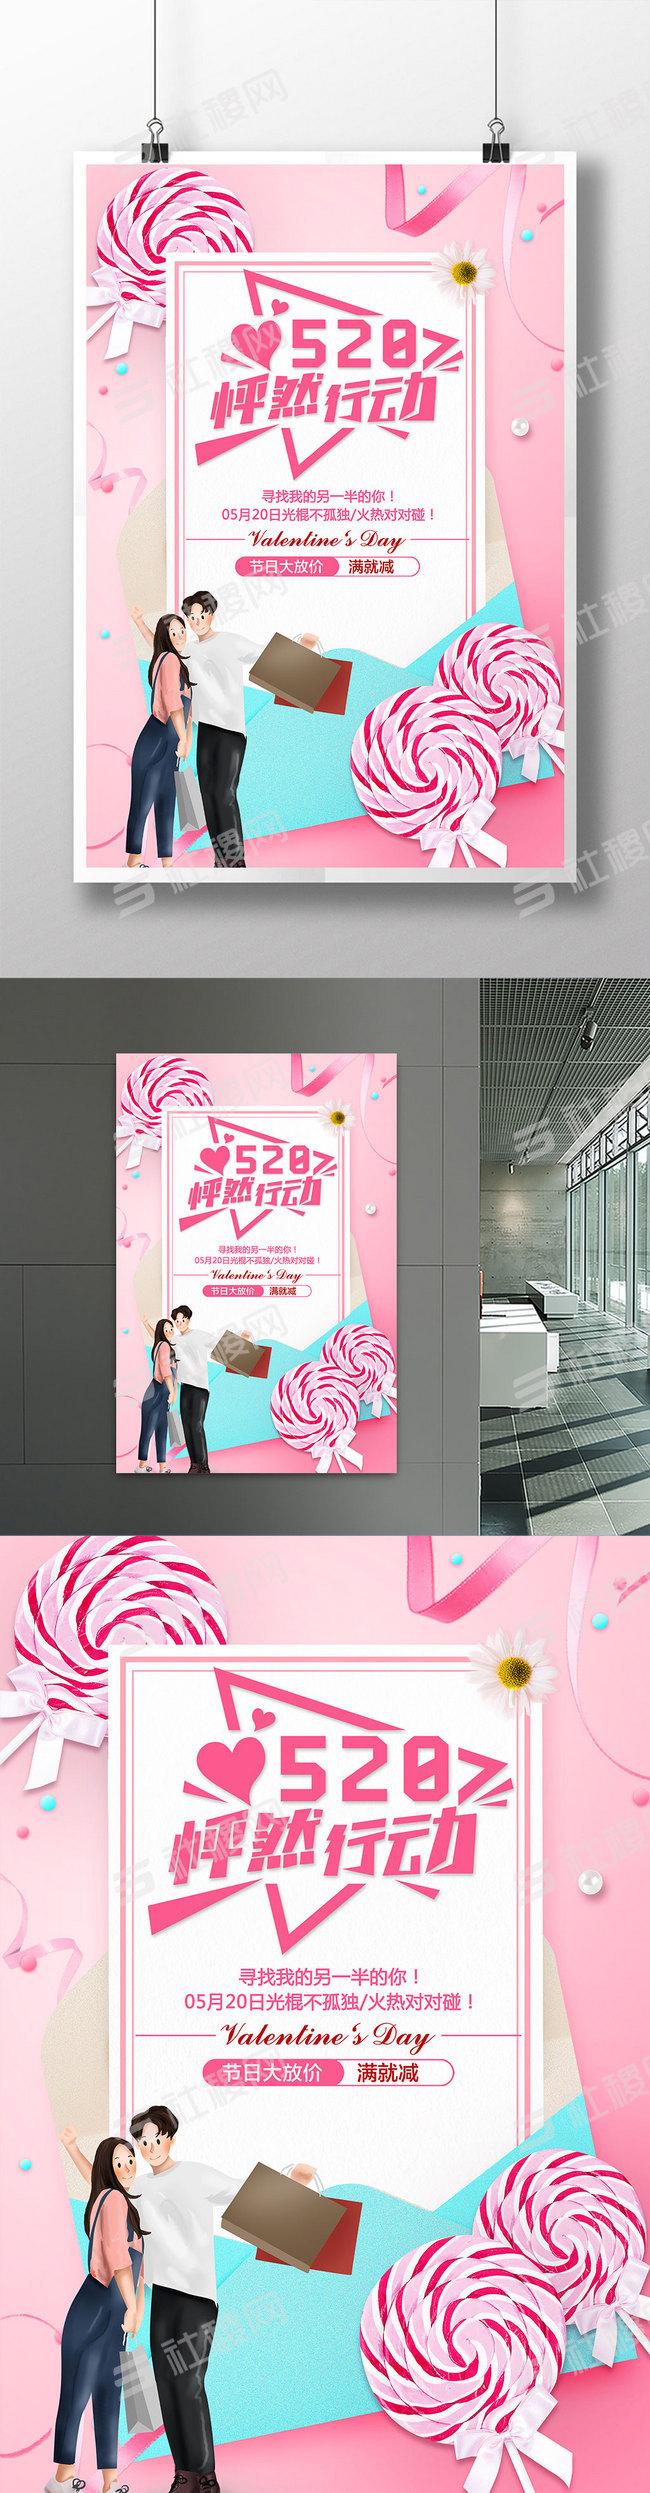 520情人节海报模板图片.jpg